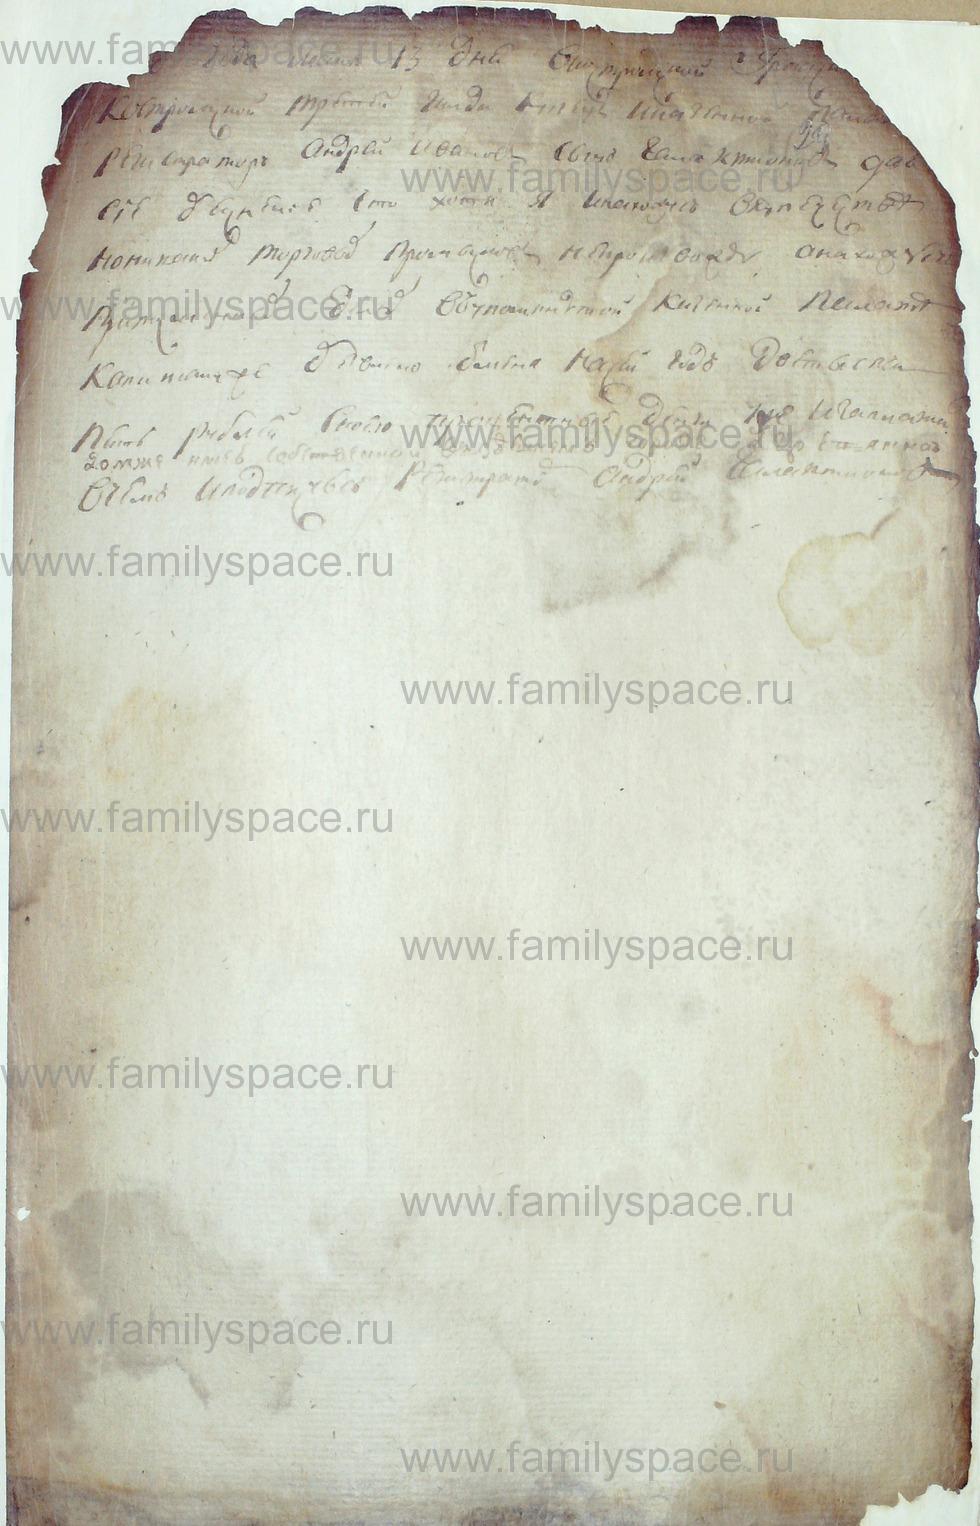 Поиск по фамилии - Сведения о купцах г. Кострома и их капиталах, страница 31